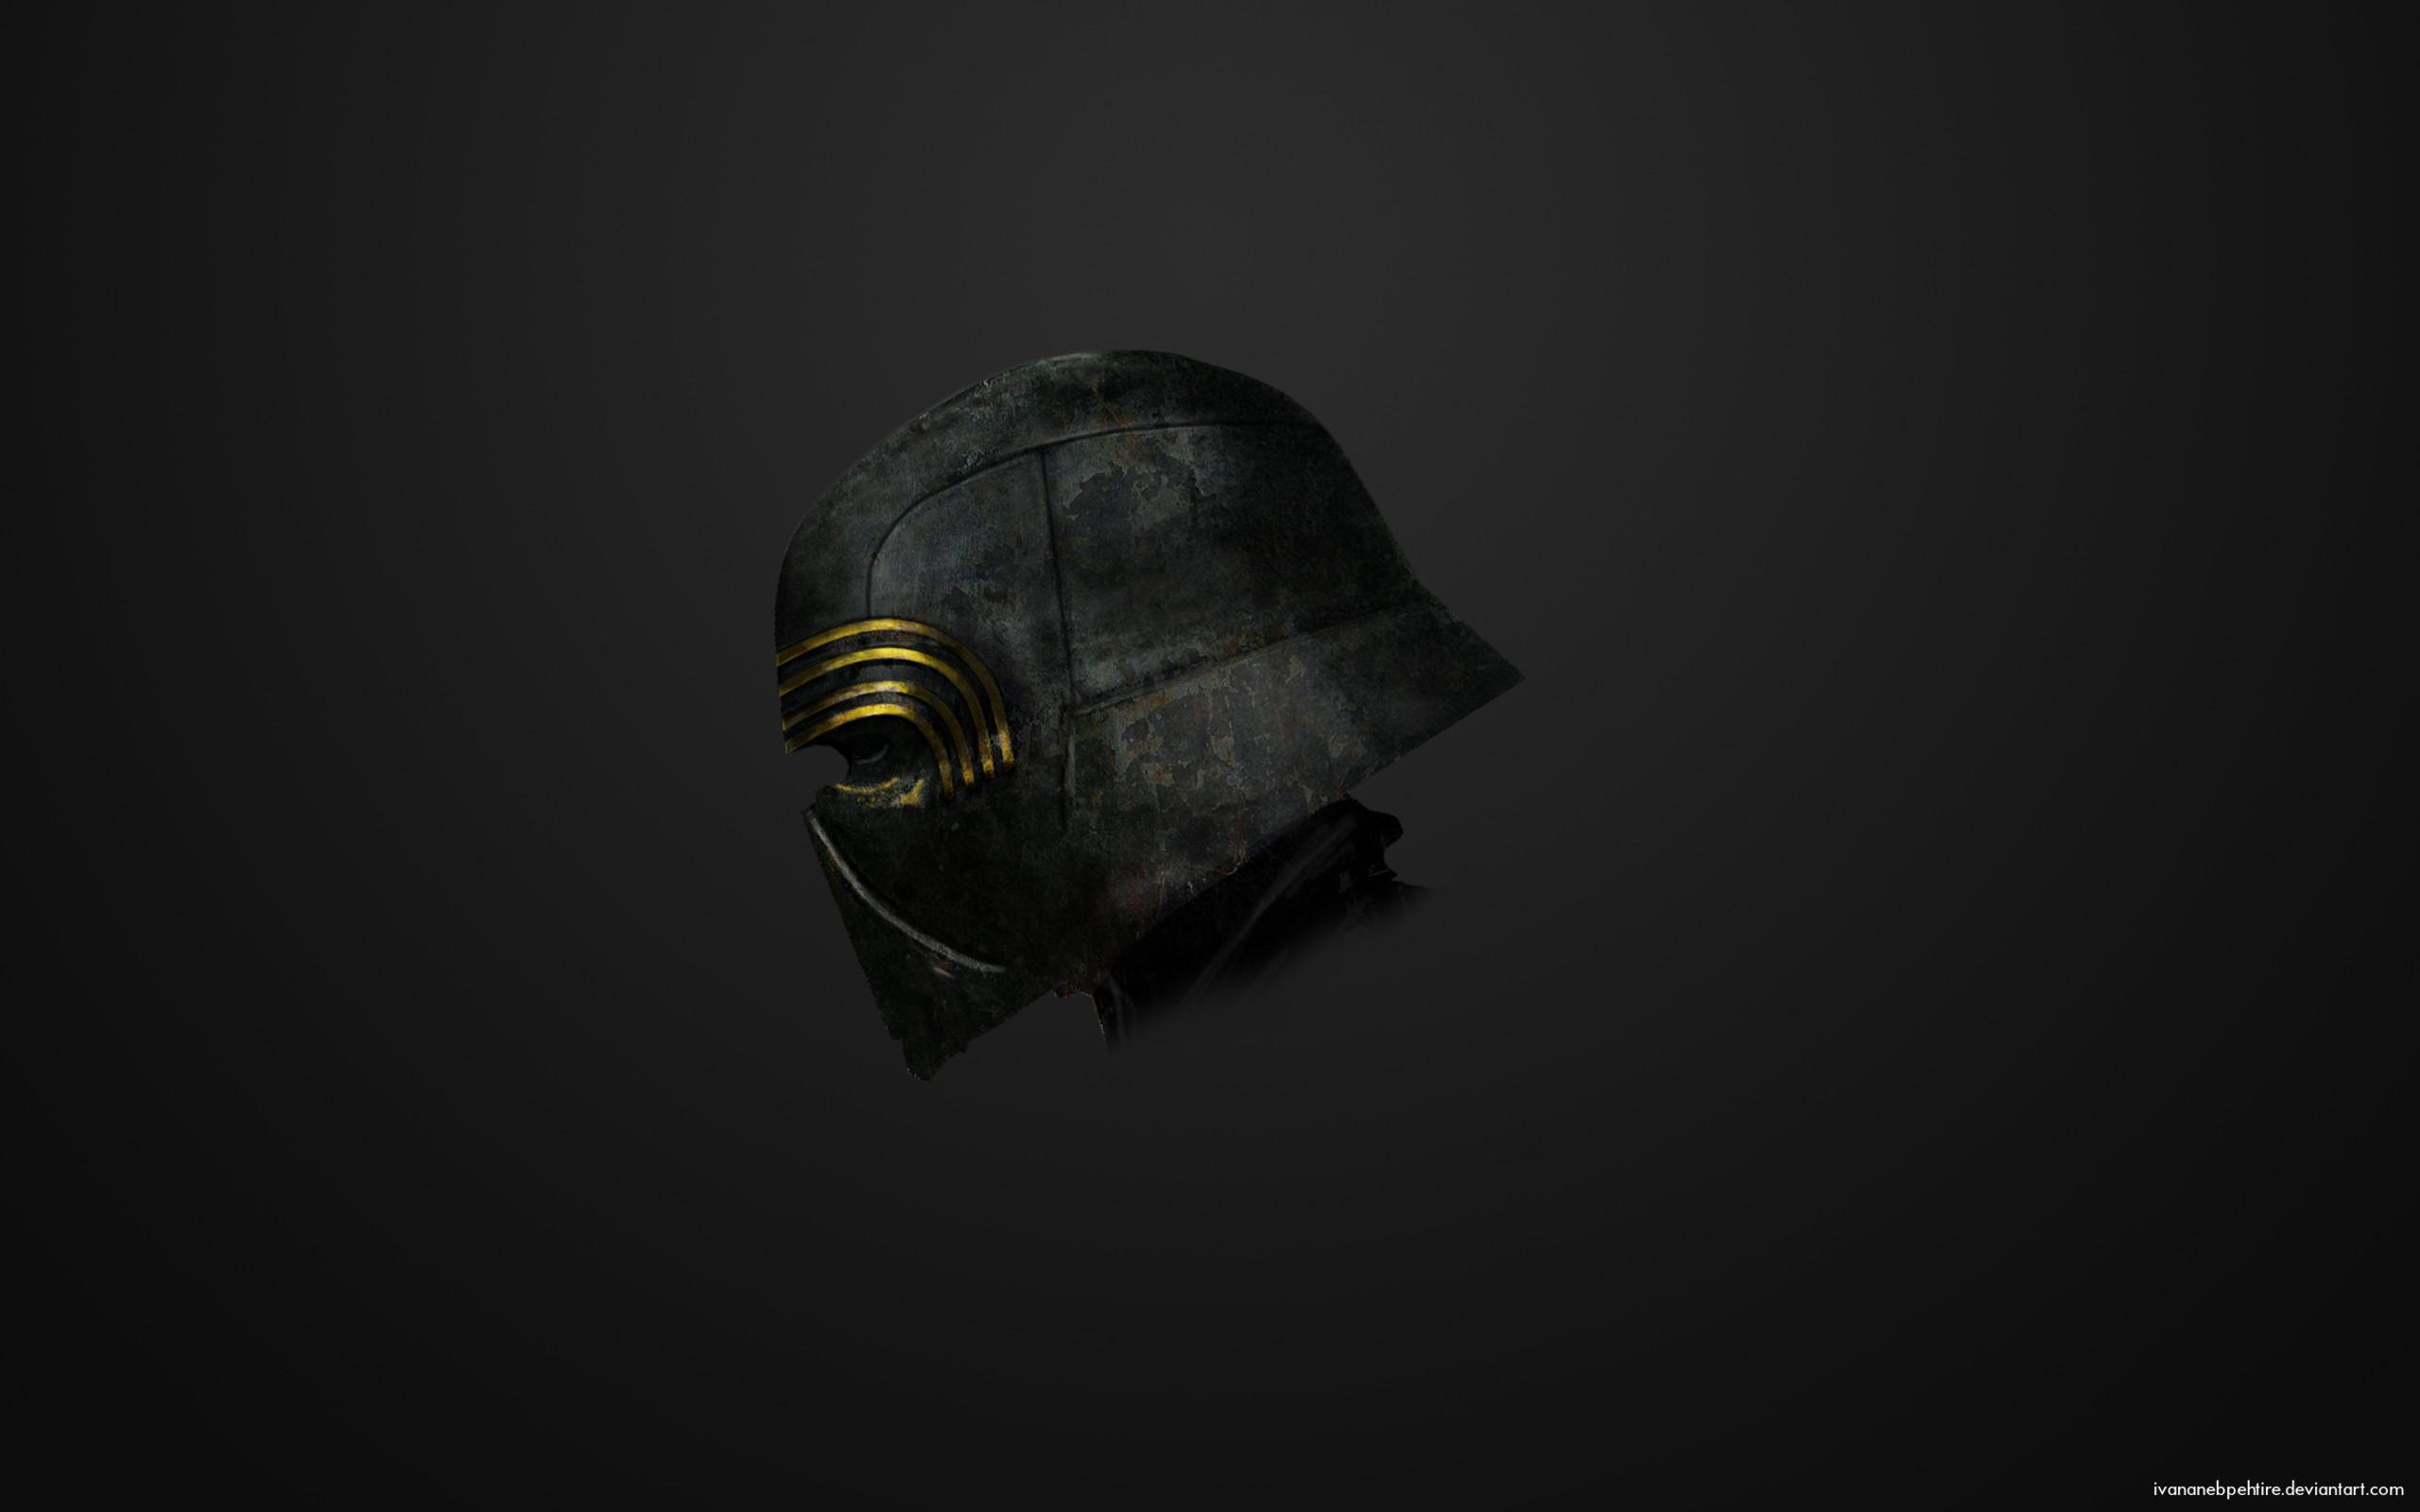 … IvanaNebpehtire Kylo Ren Star Wars tilted by IvanaNebpehtire